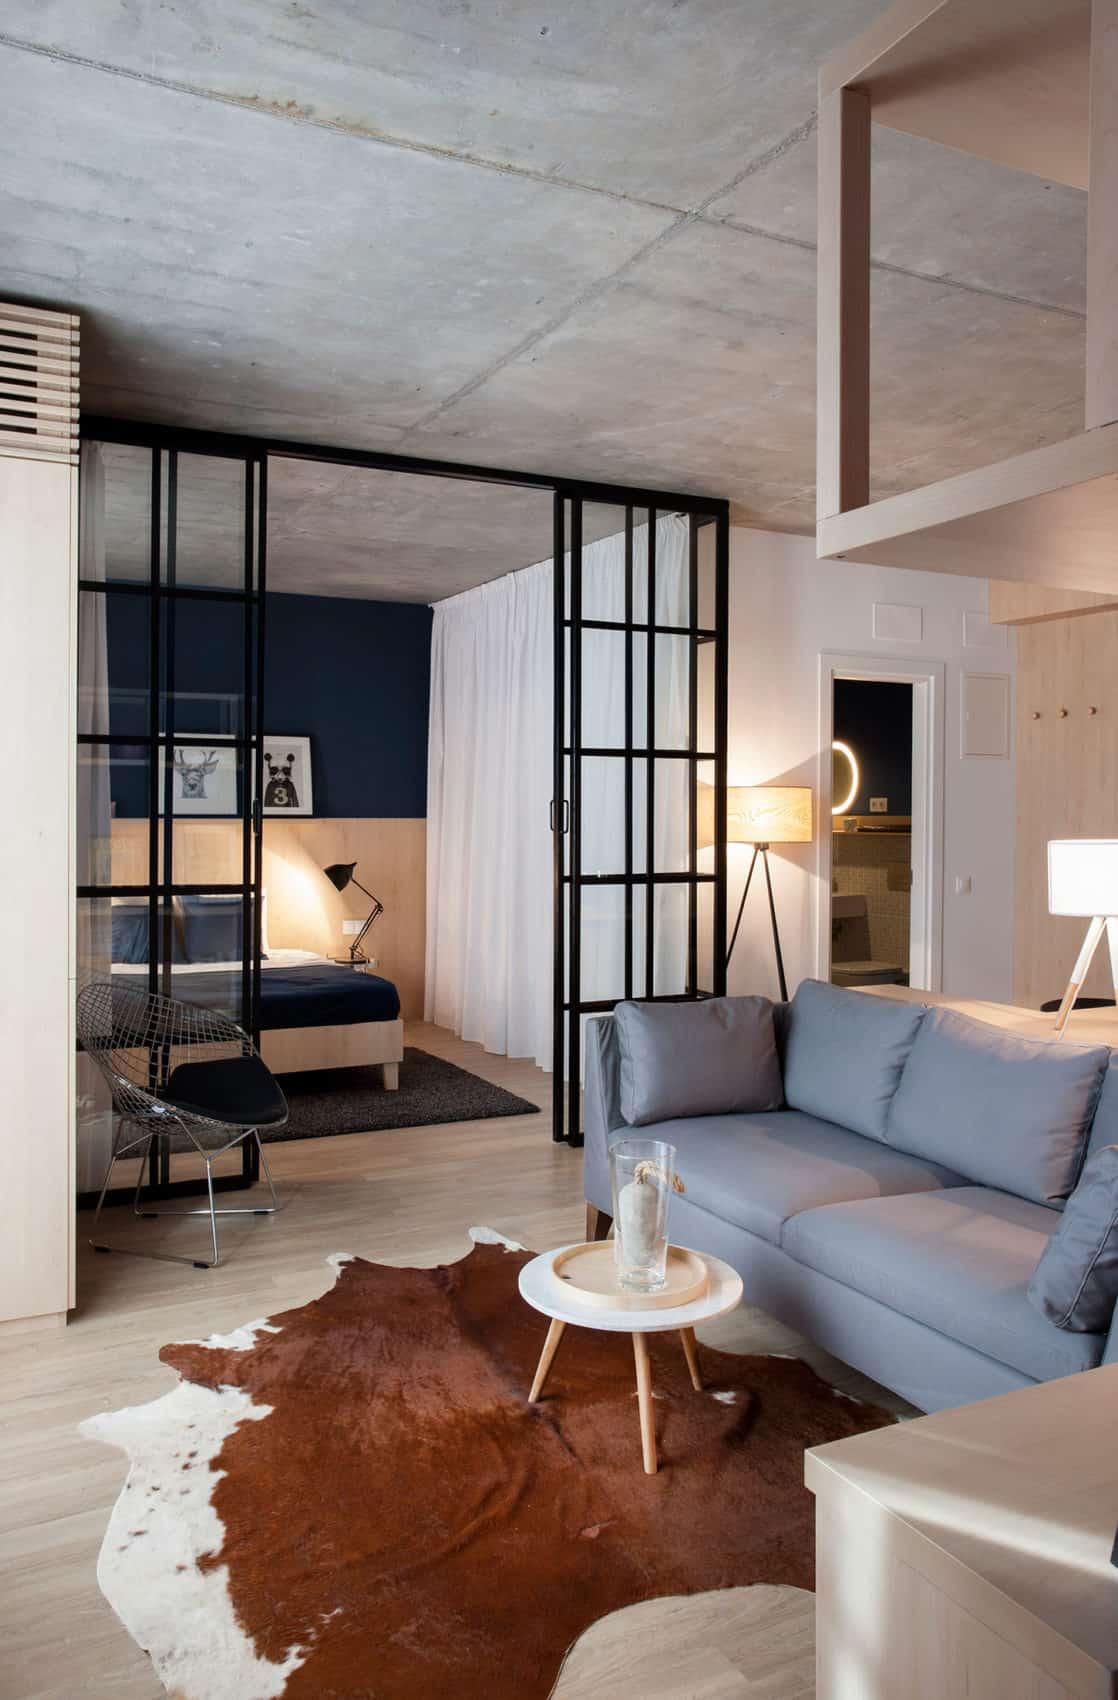 Apartment No. 3 by Bogdan Ciocodeică & Diana Roşu (2)